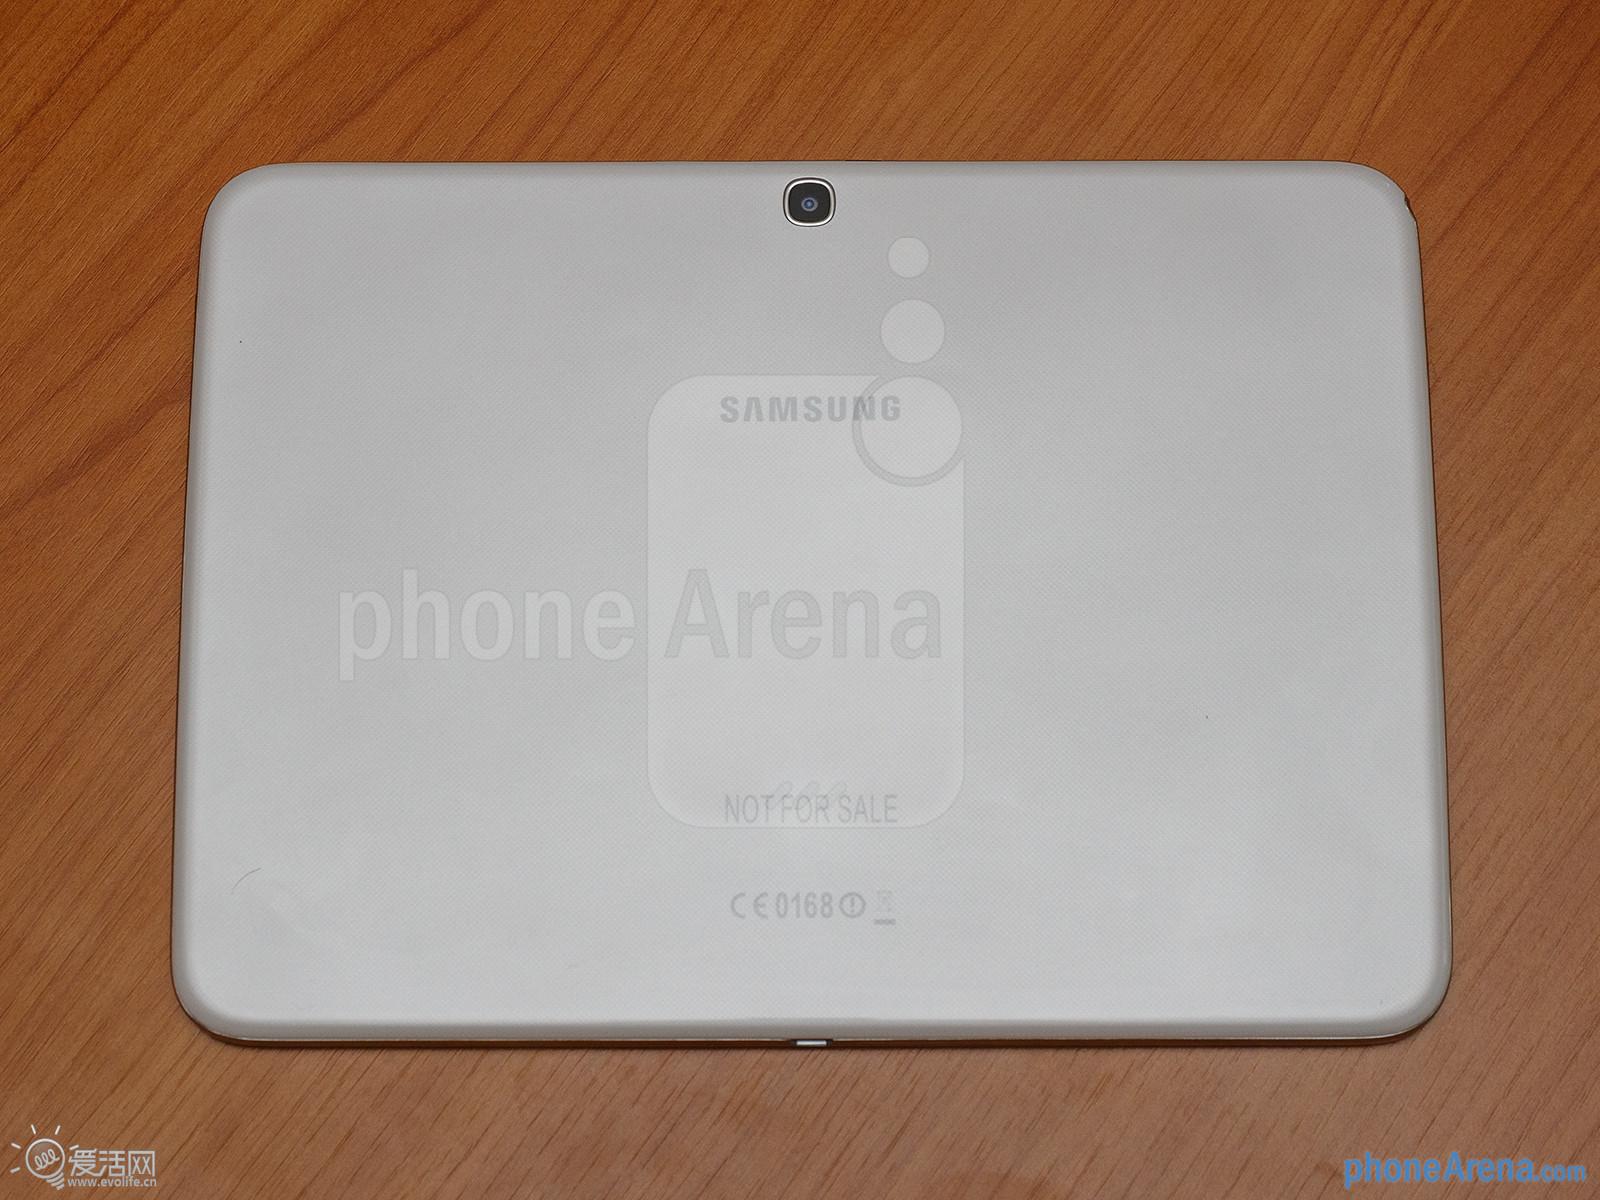 """三星在发布旗下首款采用英特尔处理器的Galaxy Tab 3 10.1平板后,国外媒体第一时间奉上了简单上手体验,或对预备购买平板的用户有一定的借鉴意义,毕竟其中的Intel Atom处理器颇有引人注目的意味——这是""""Intel Inside""""首次出现在主流安卓设备里,我们来看看英特尔的表现。   摆在面前的这台Galaxy Tab 3并非最终版设备,但在握持方面已经有着不错的体验。此平板仅重510g,而且薄度也达到了8mm,虽然仍为万年不变的大塑料,但拿在"""